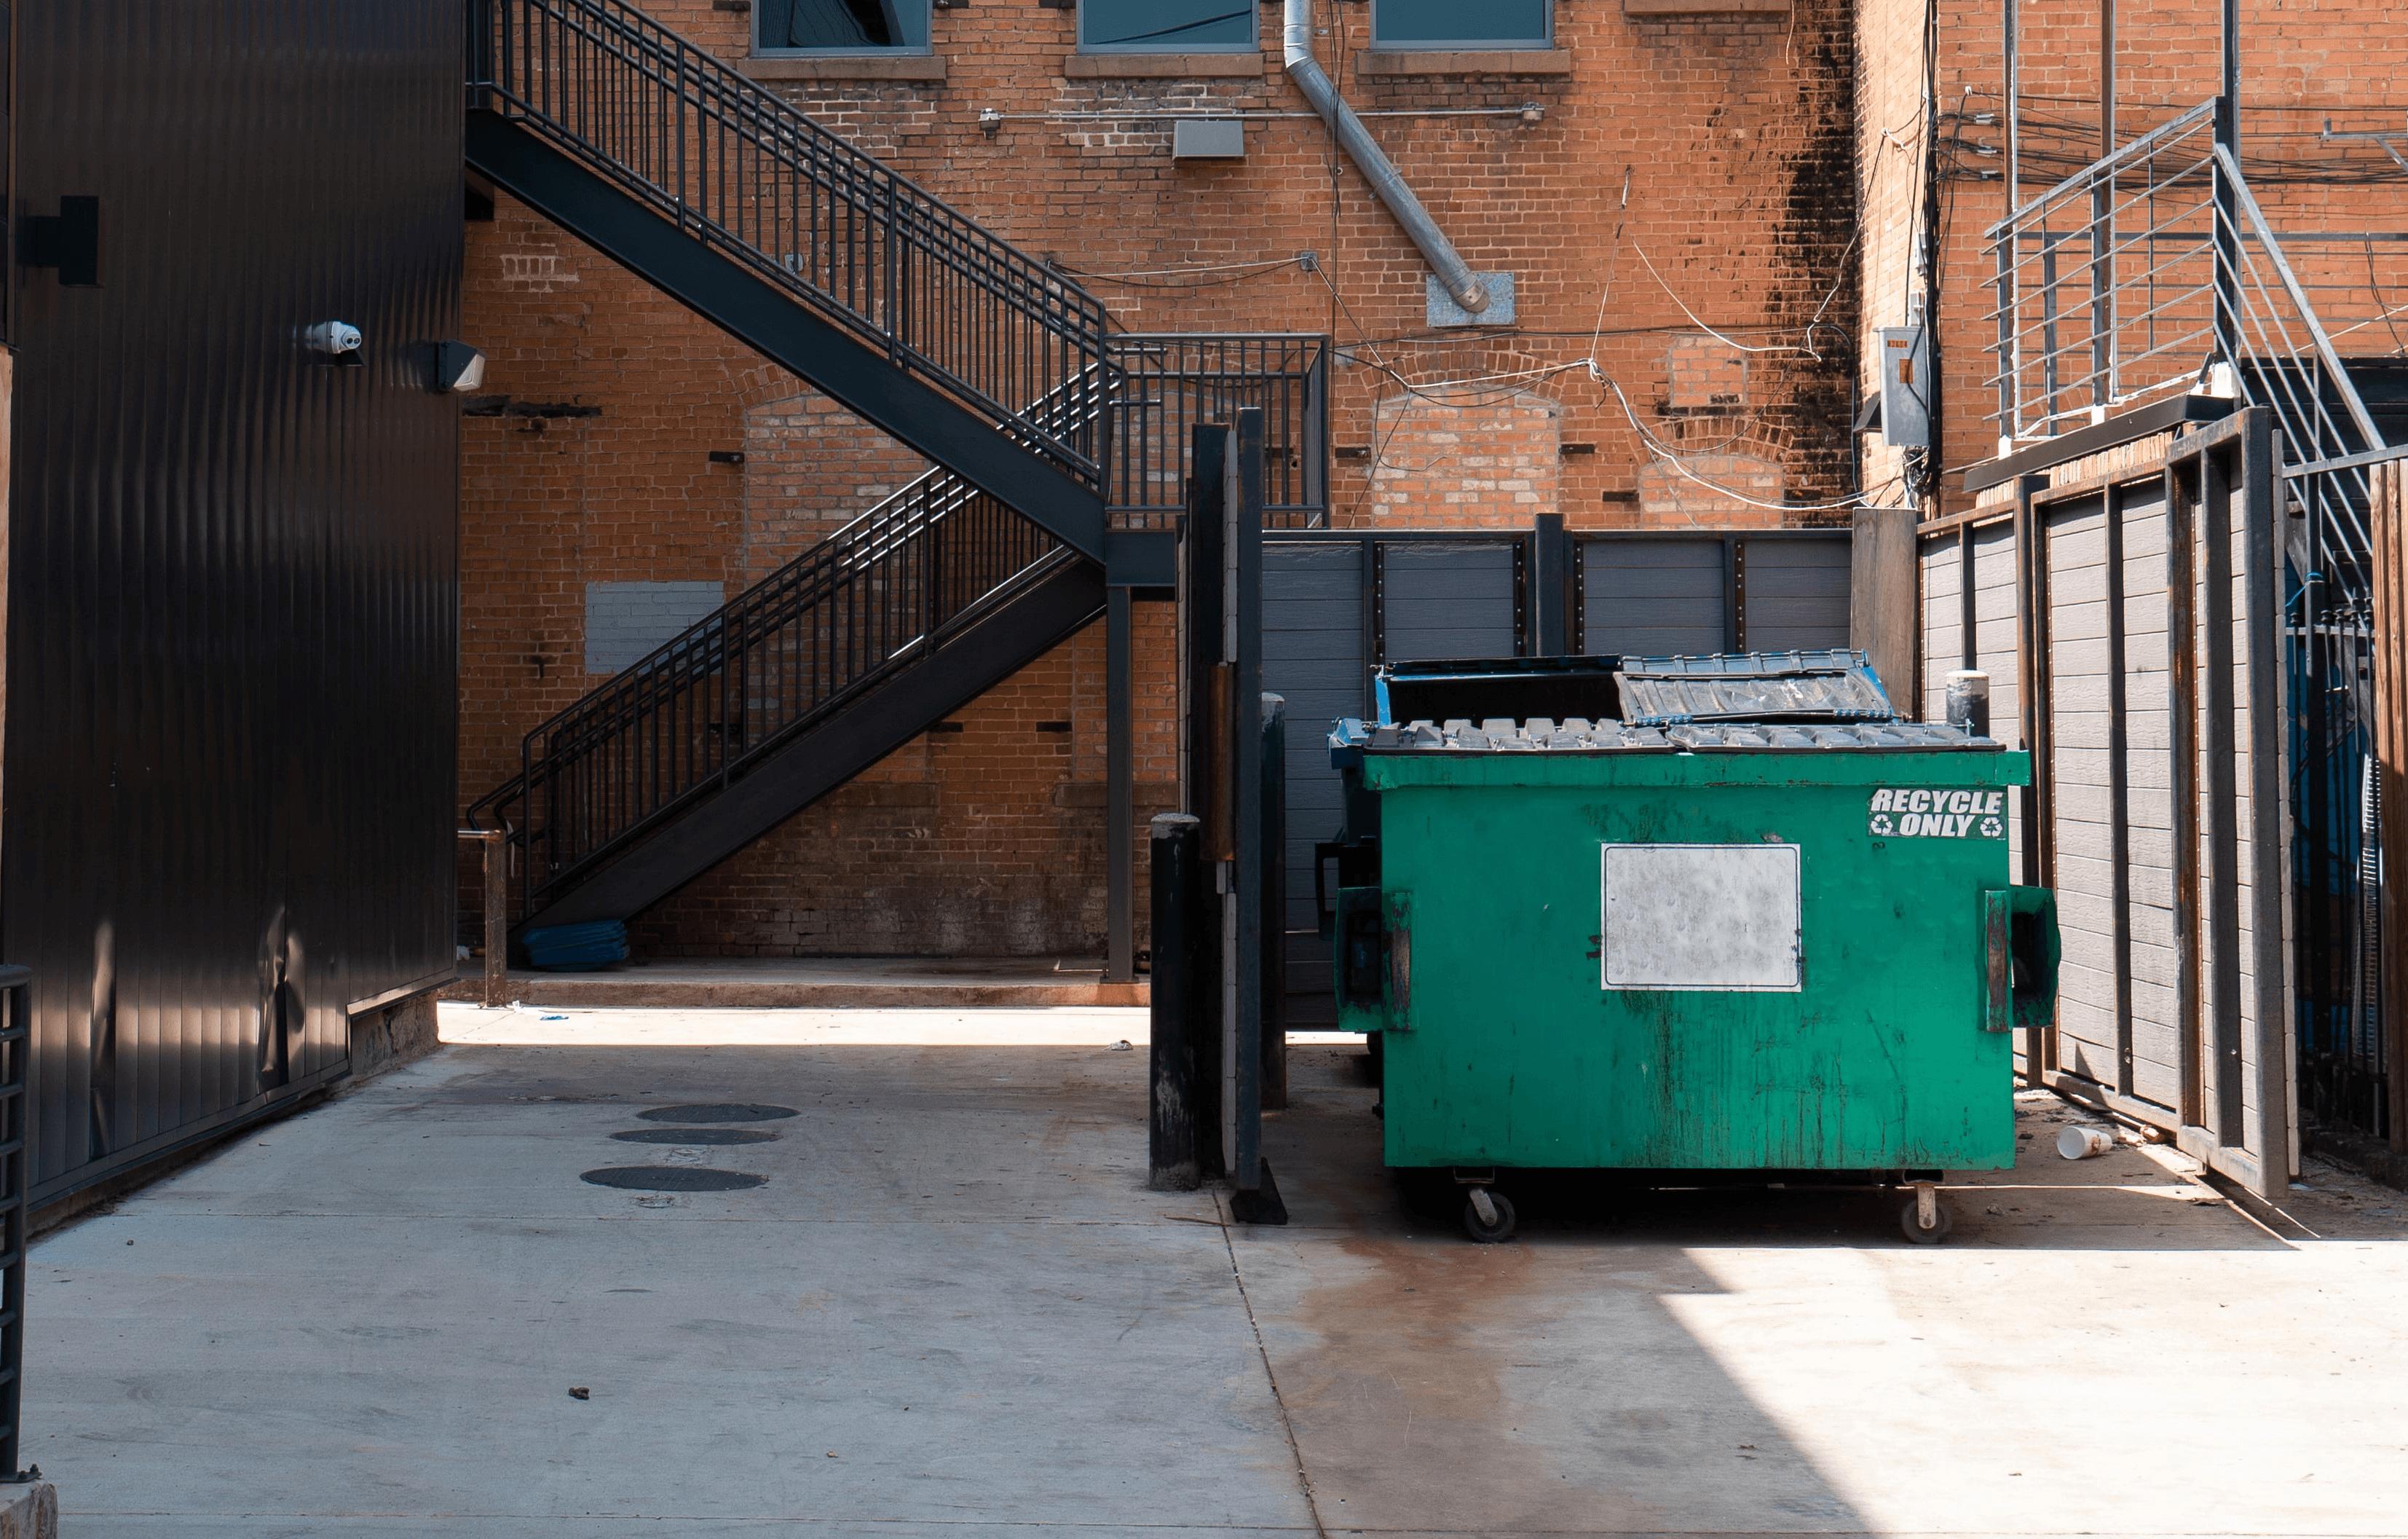 waste management, smart sensor,telematics, garbage bin, waste, dispatch